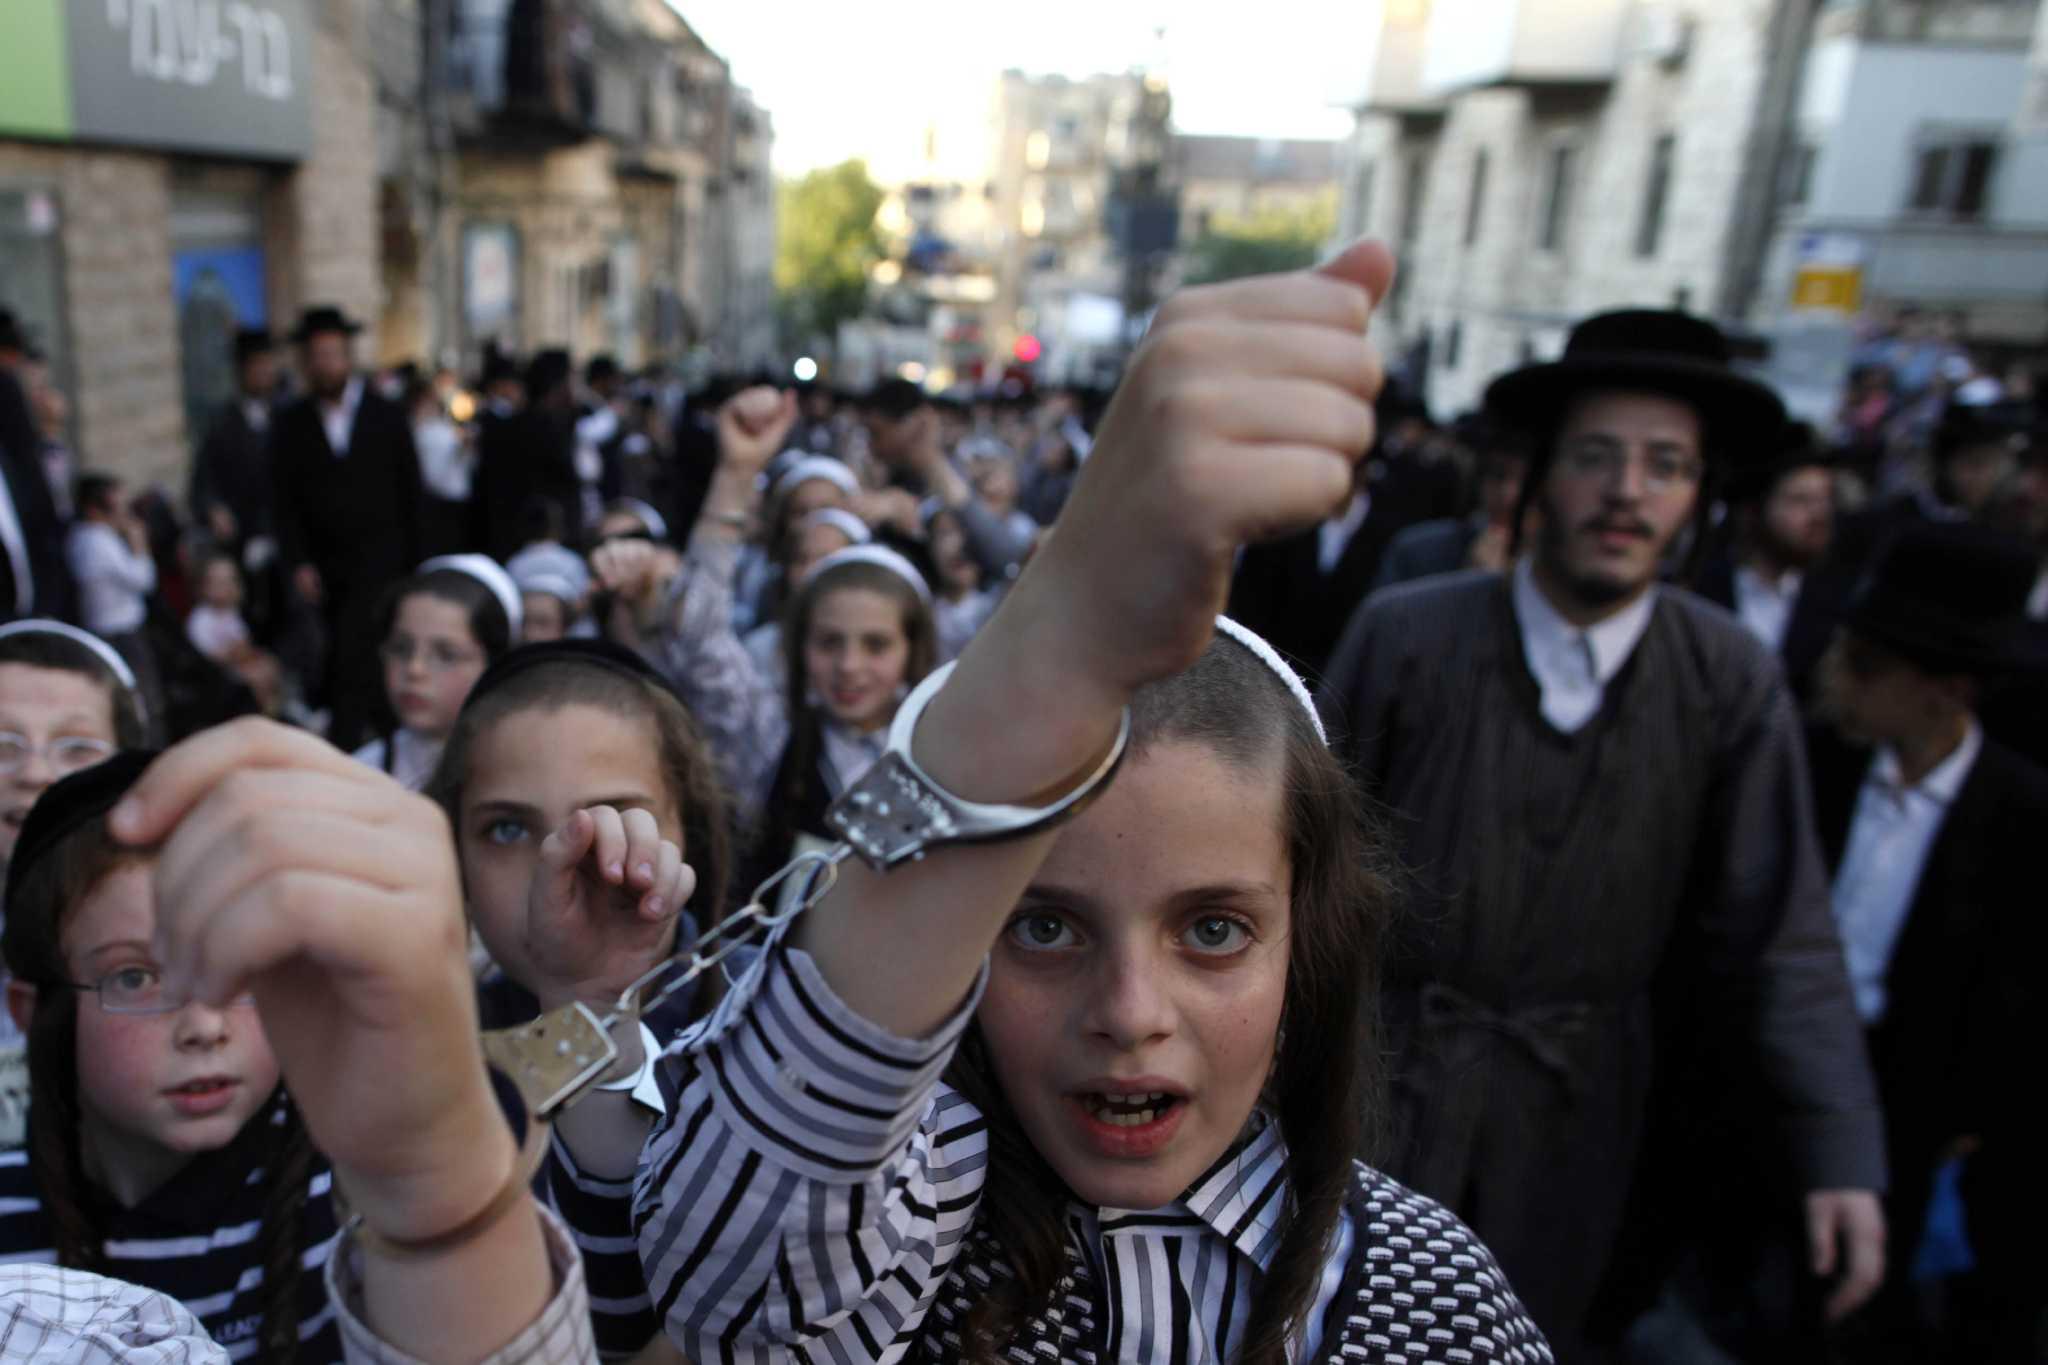 извитым бахромчатым фото ортодоксов израиля перепечи, рецепт